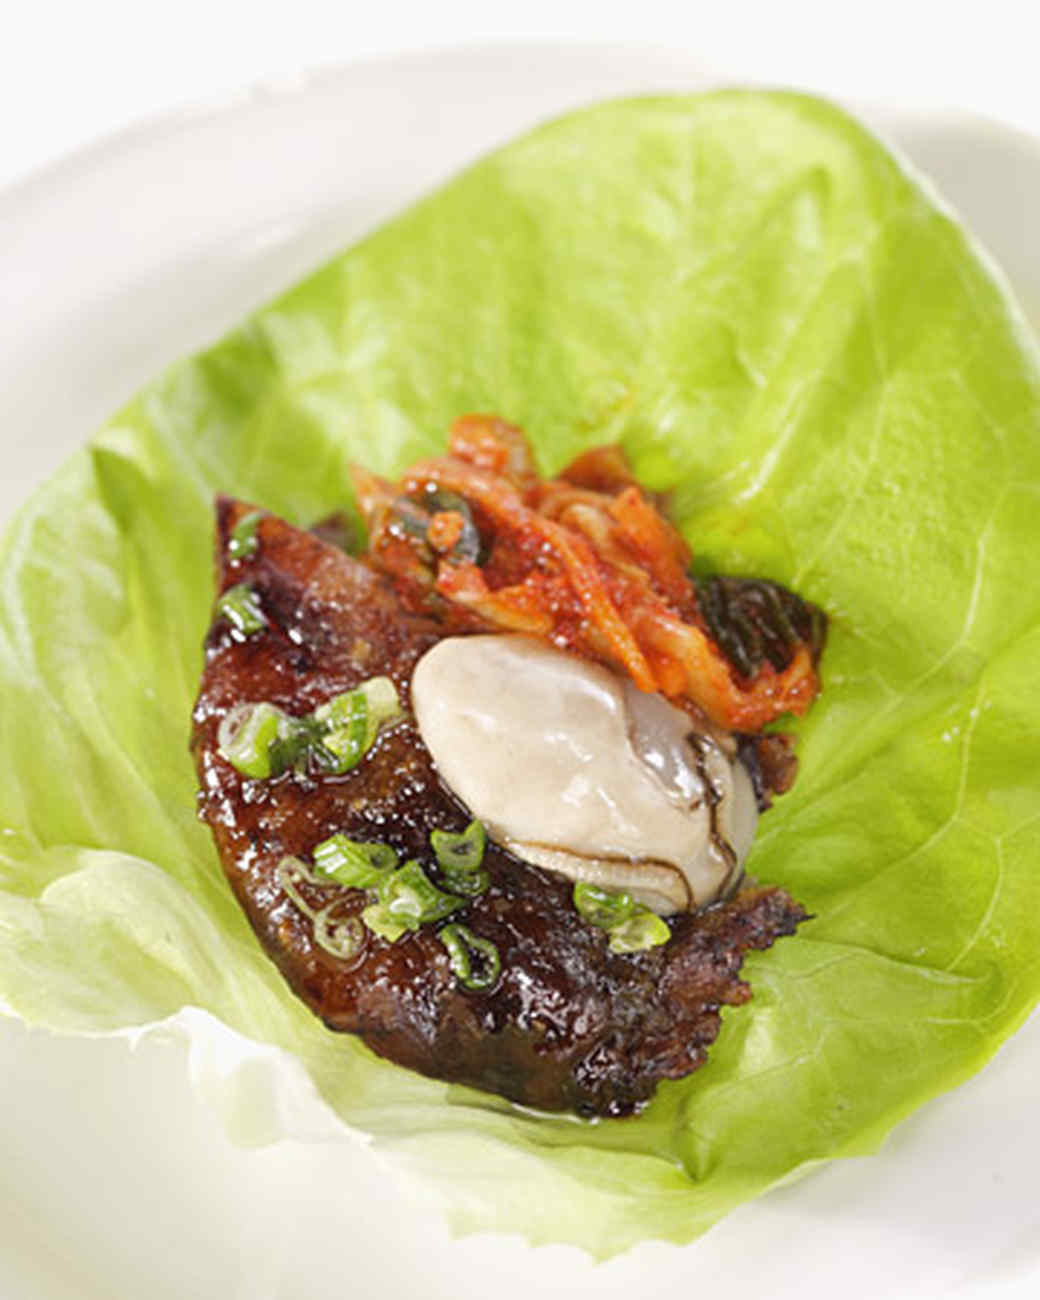 Cook Like a Chef - Celebrity Chef Recipes - delish.com